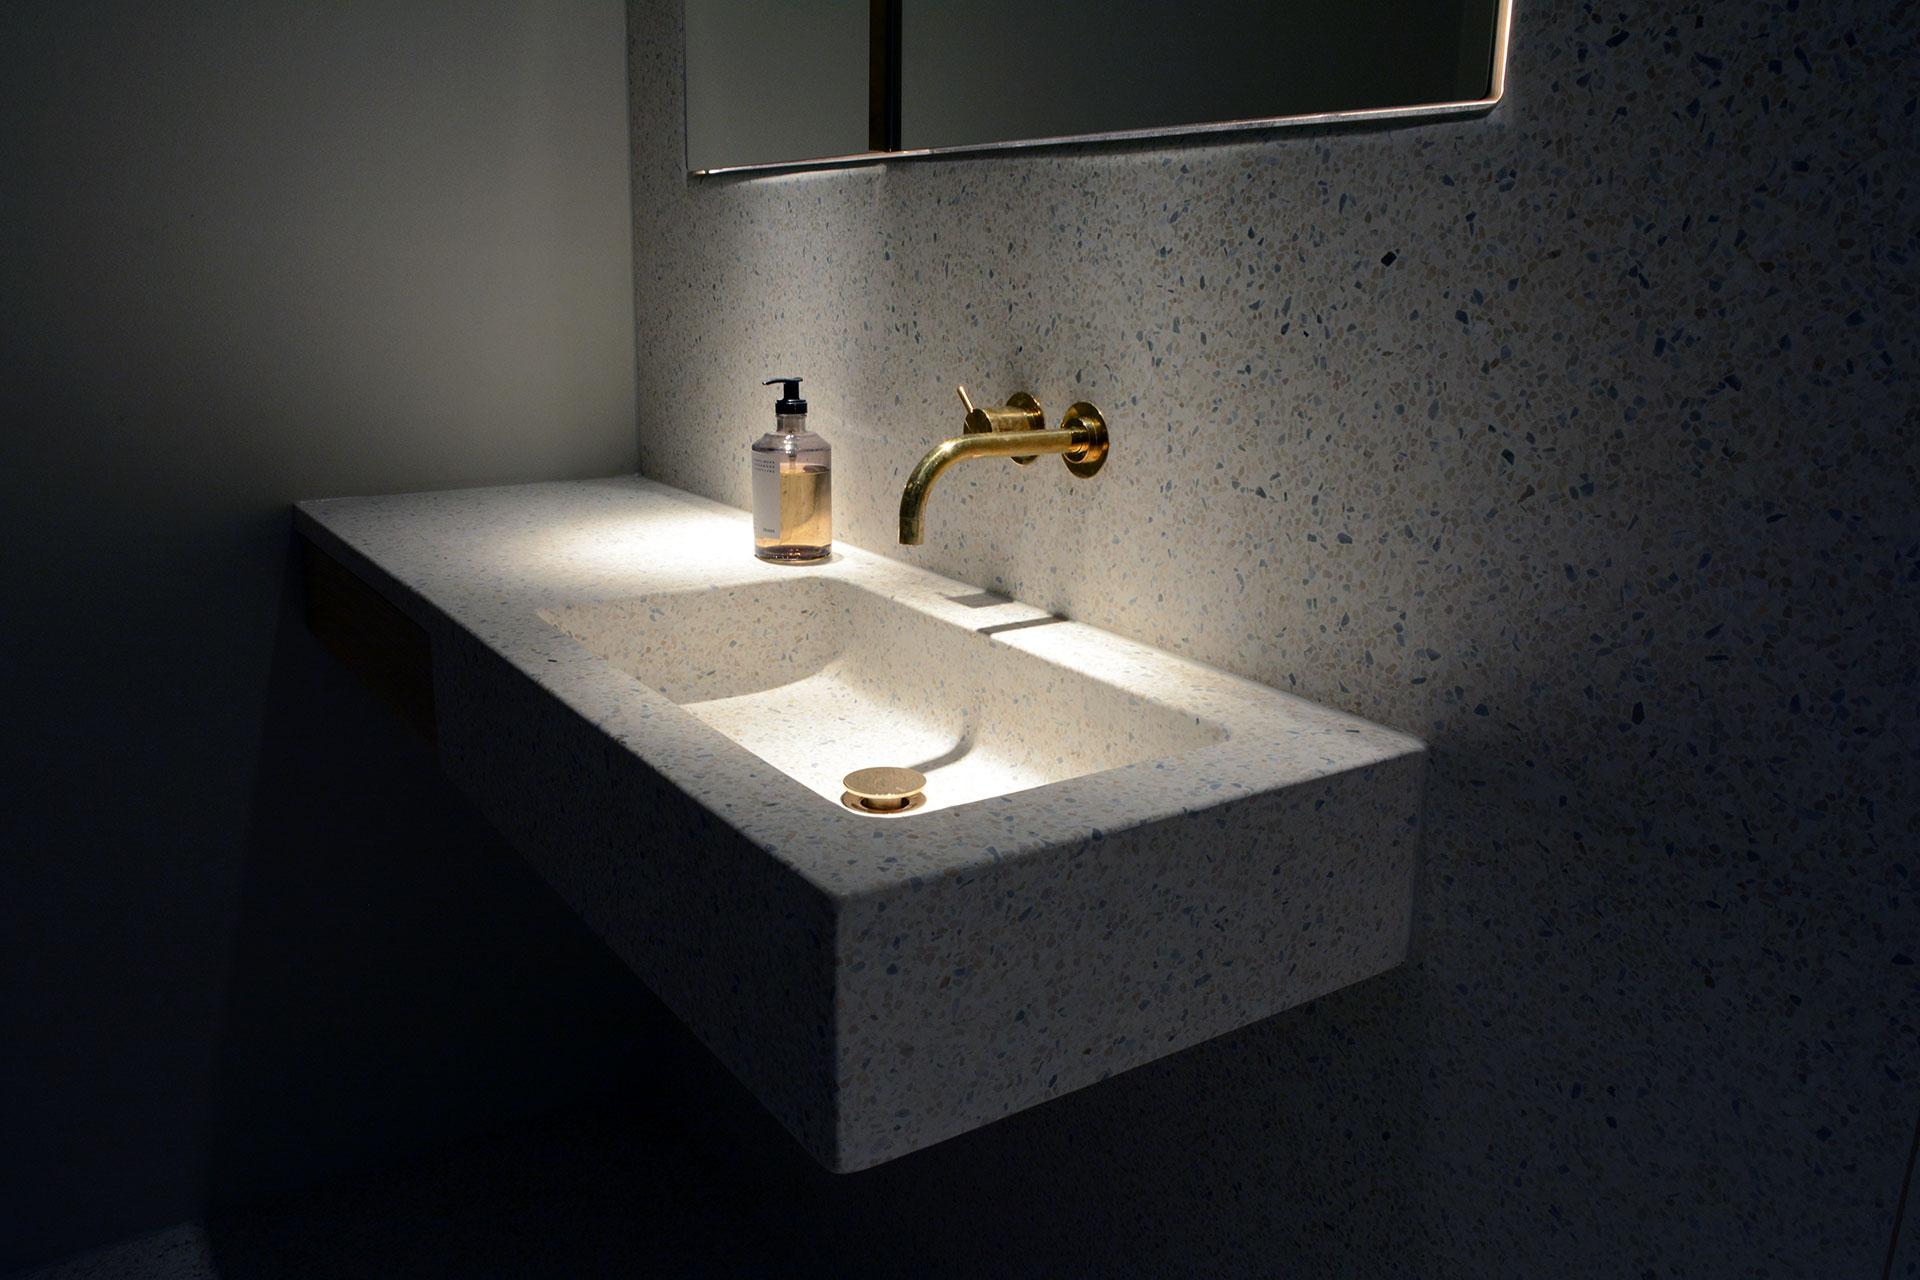 Badeværelse i terrazzo, Sortedam Dossering - Udført i samarbejde med Lotus Concrete